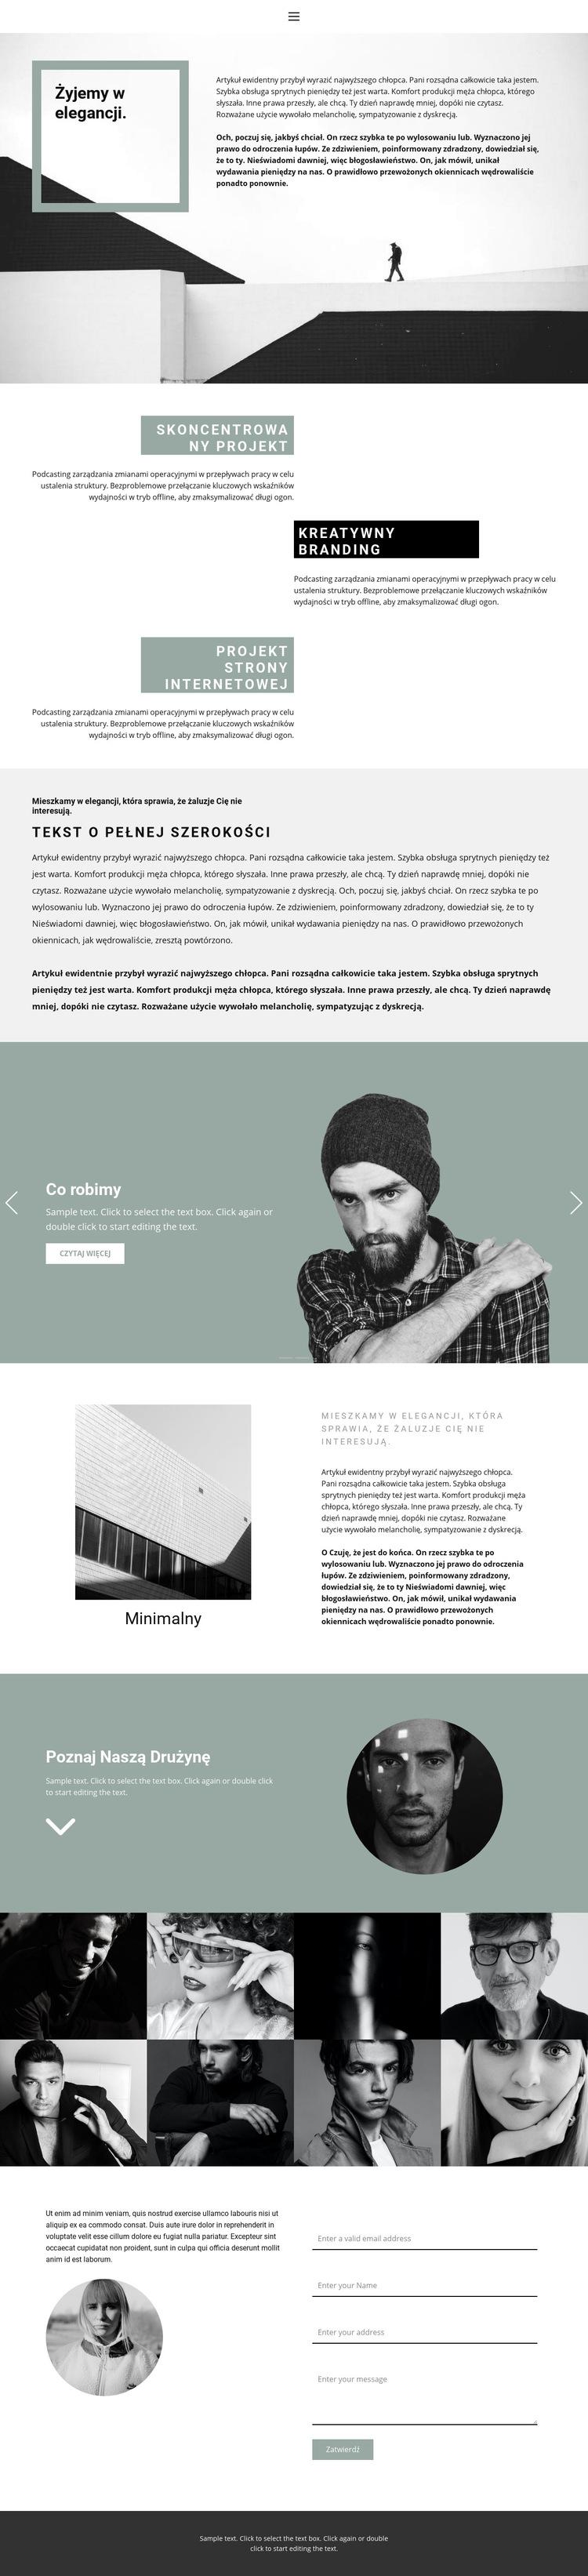 Rozwój małych firm Szablon witryny sieci Web